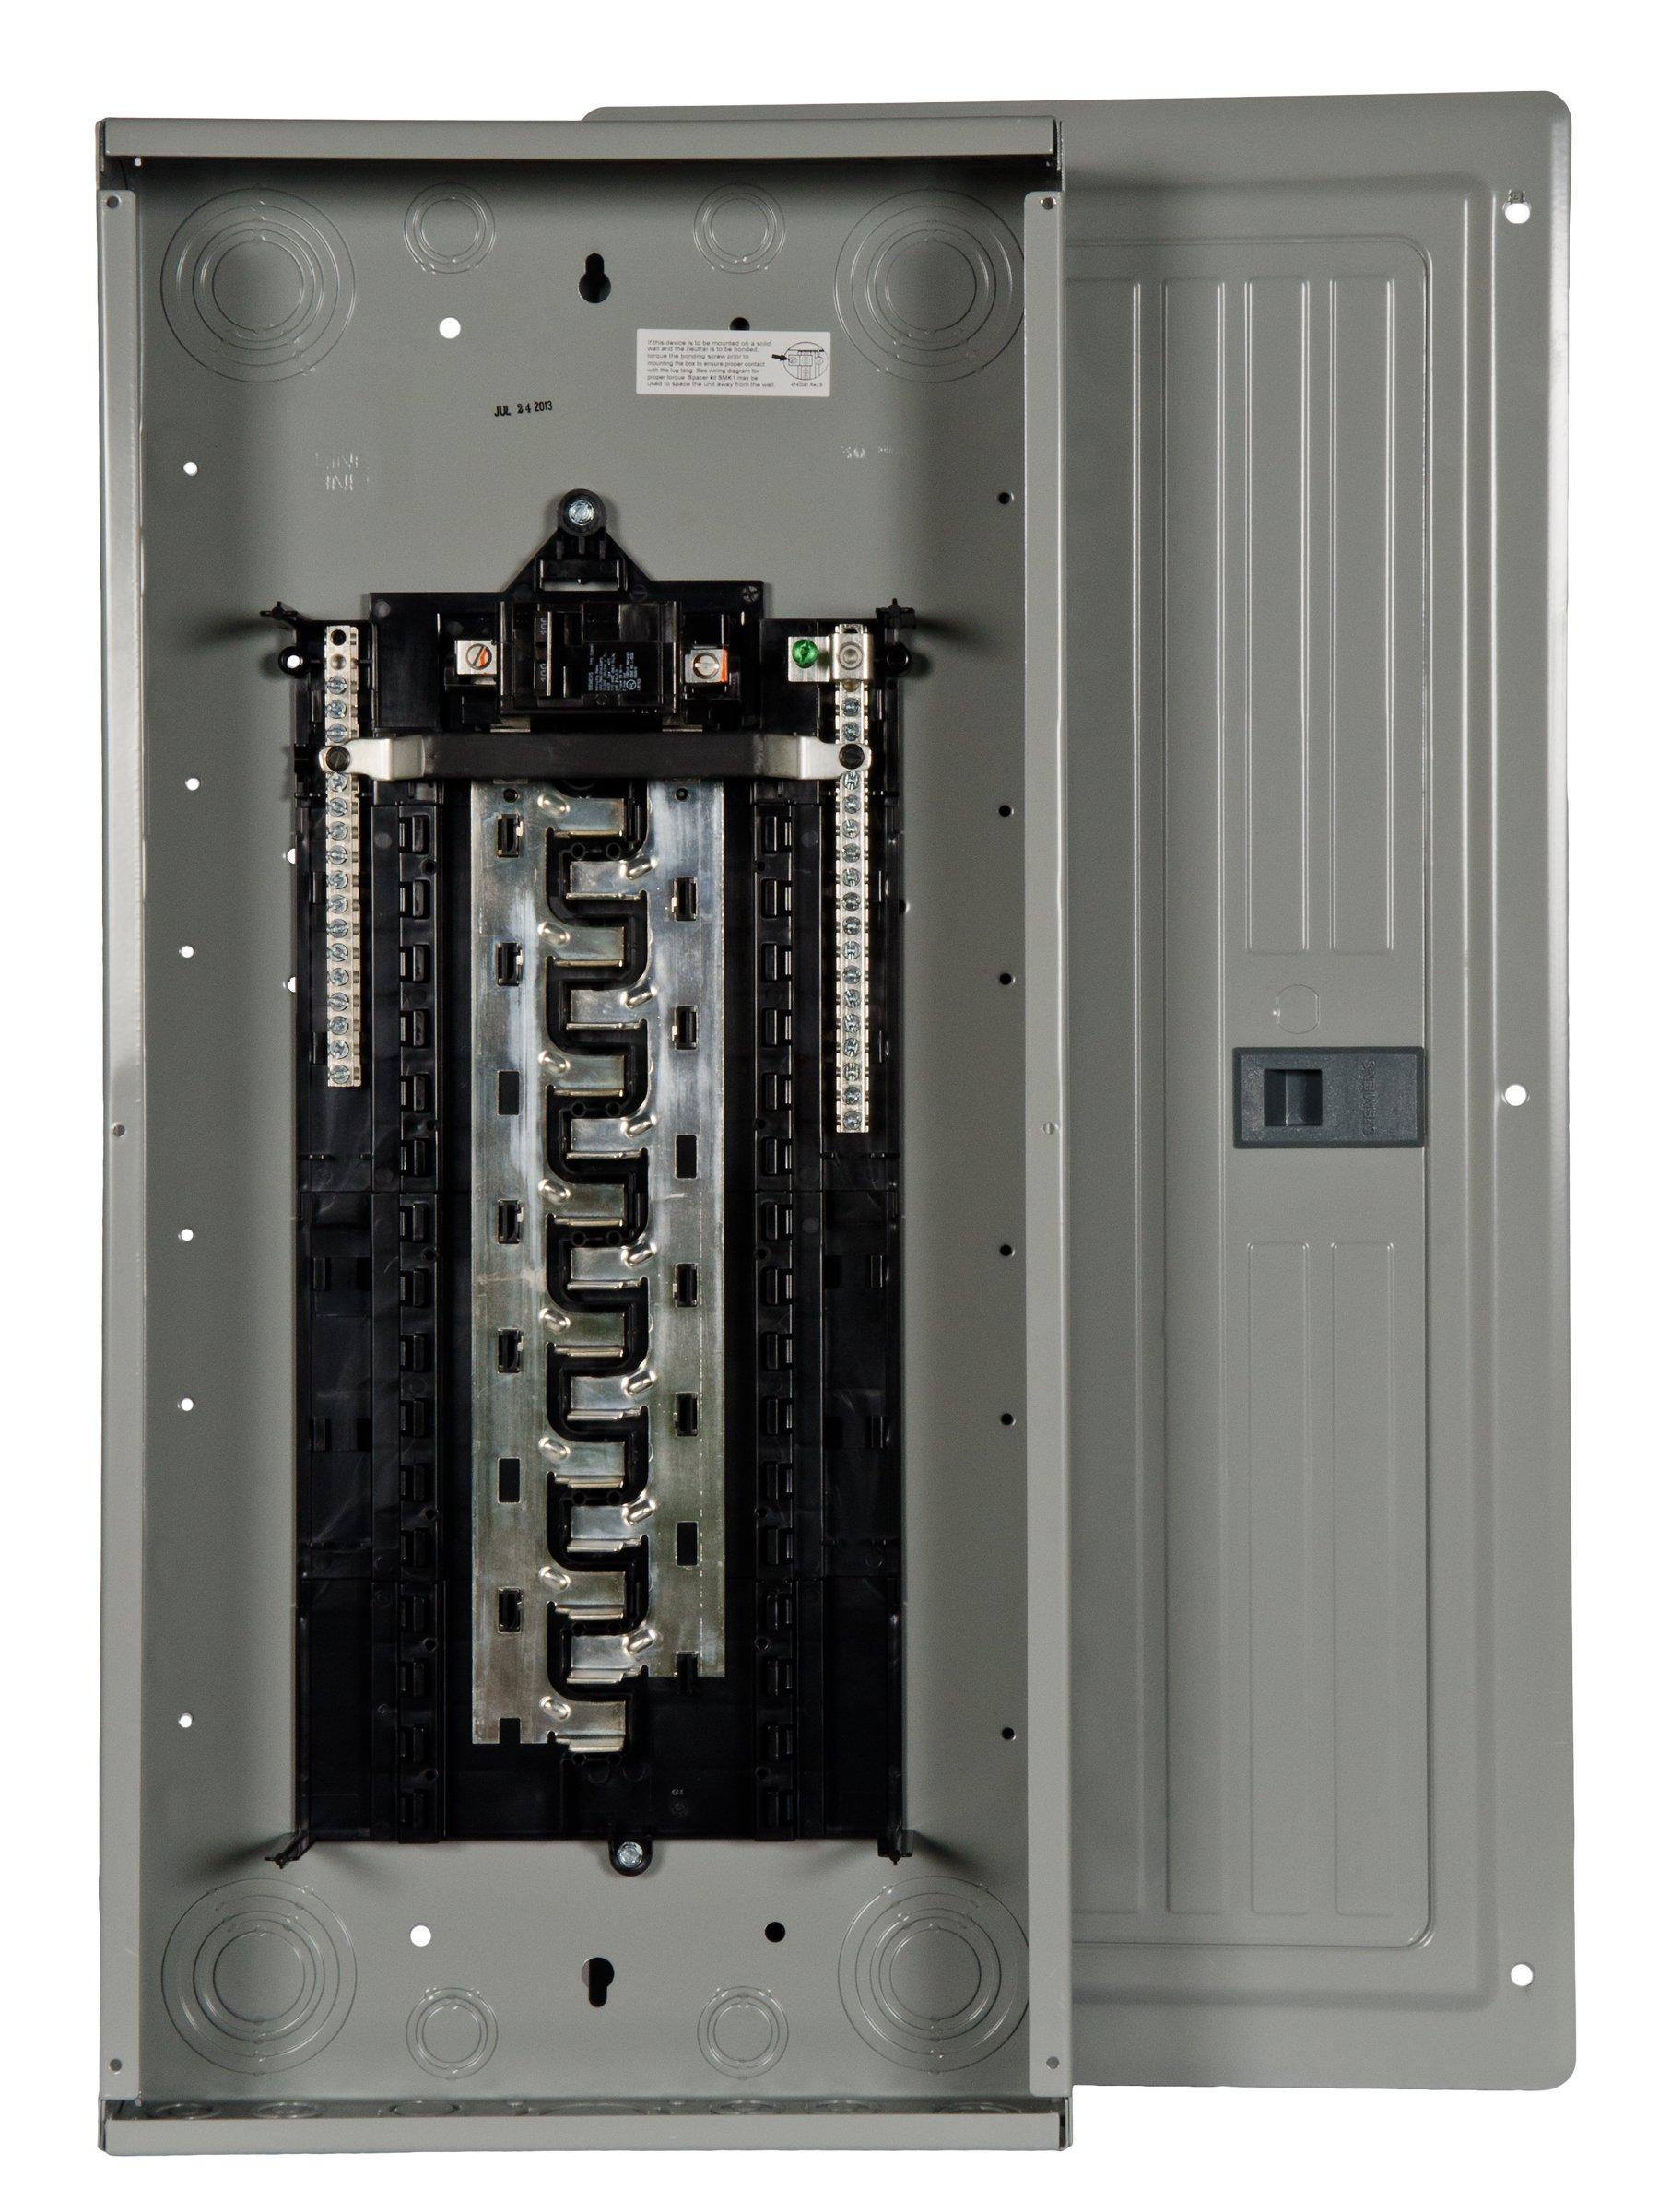 Siemens 30 Space, 30, Circuit, 100 Amp, Main Breaker, Indoor Load Center